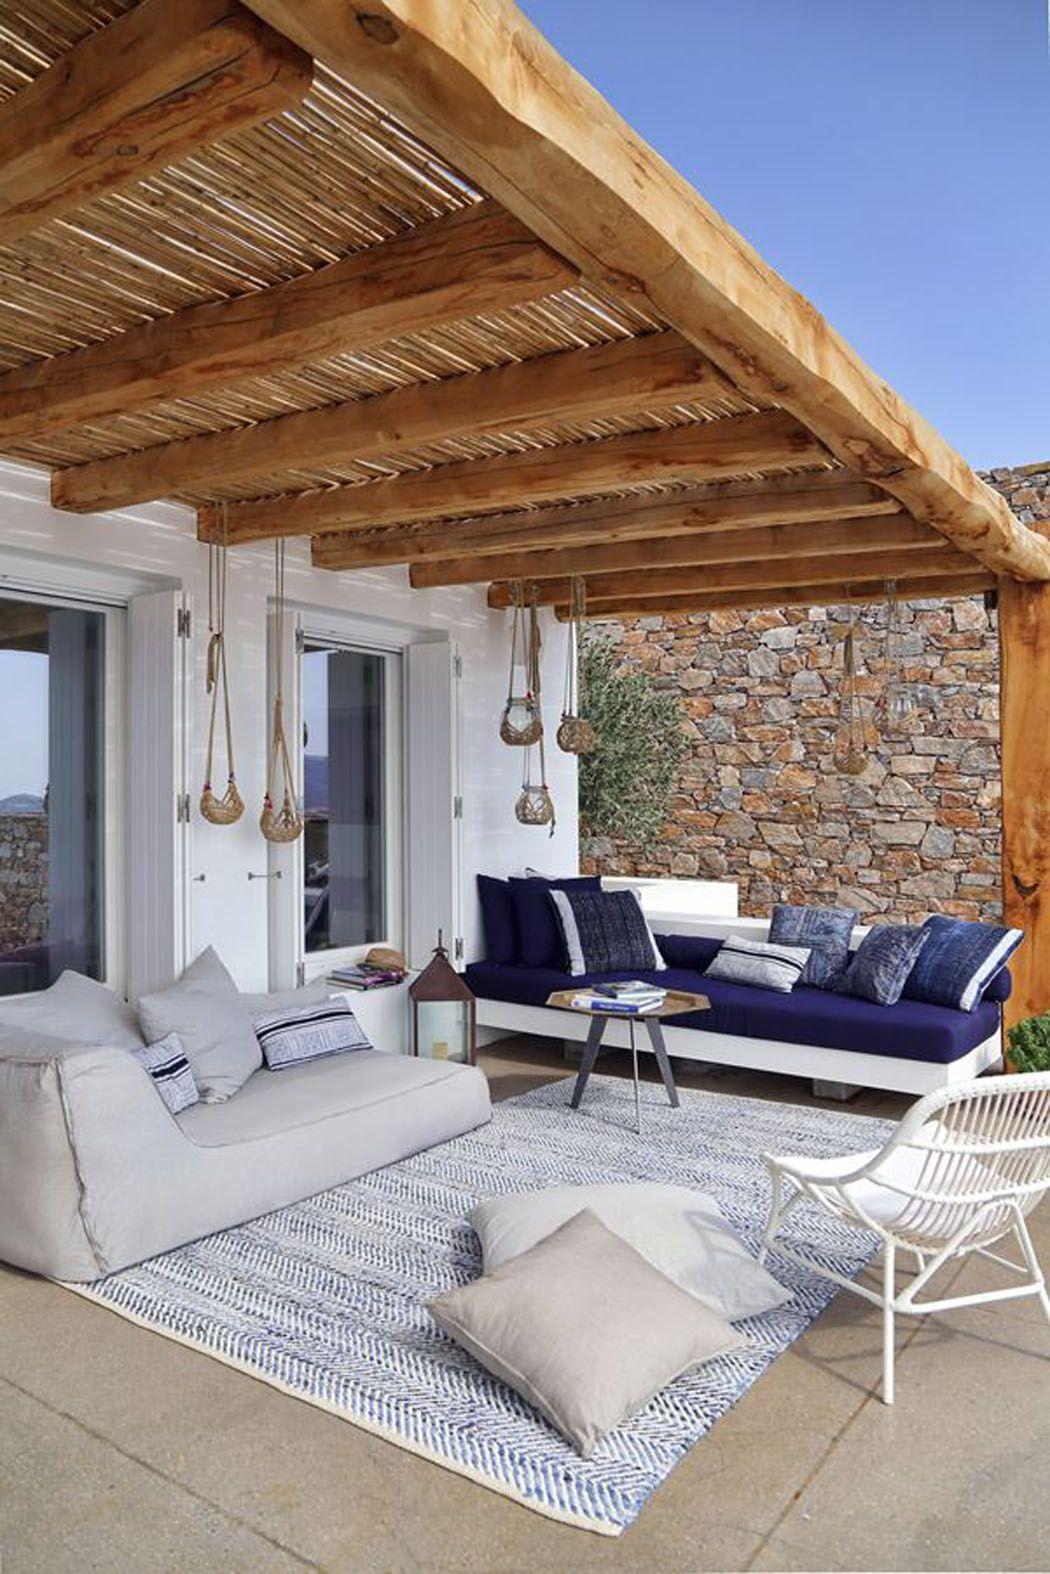 Villa de vacances en Grèce au design intérieur minimaliste rustique